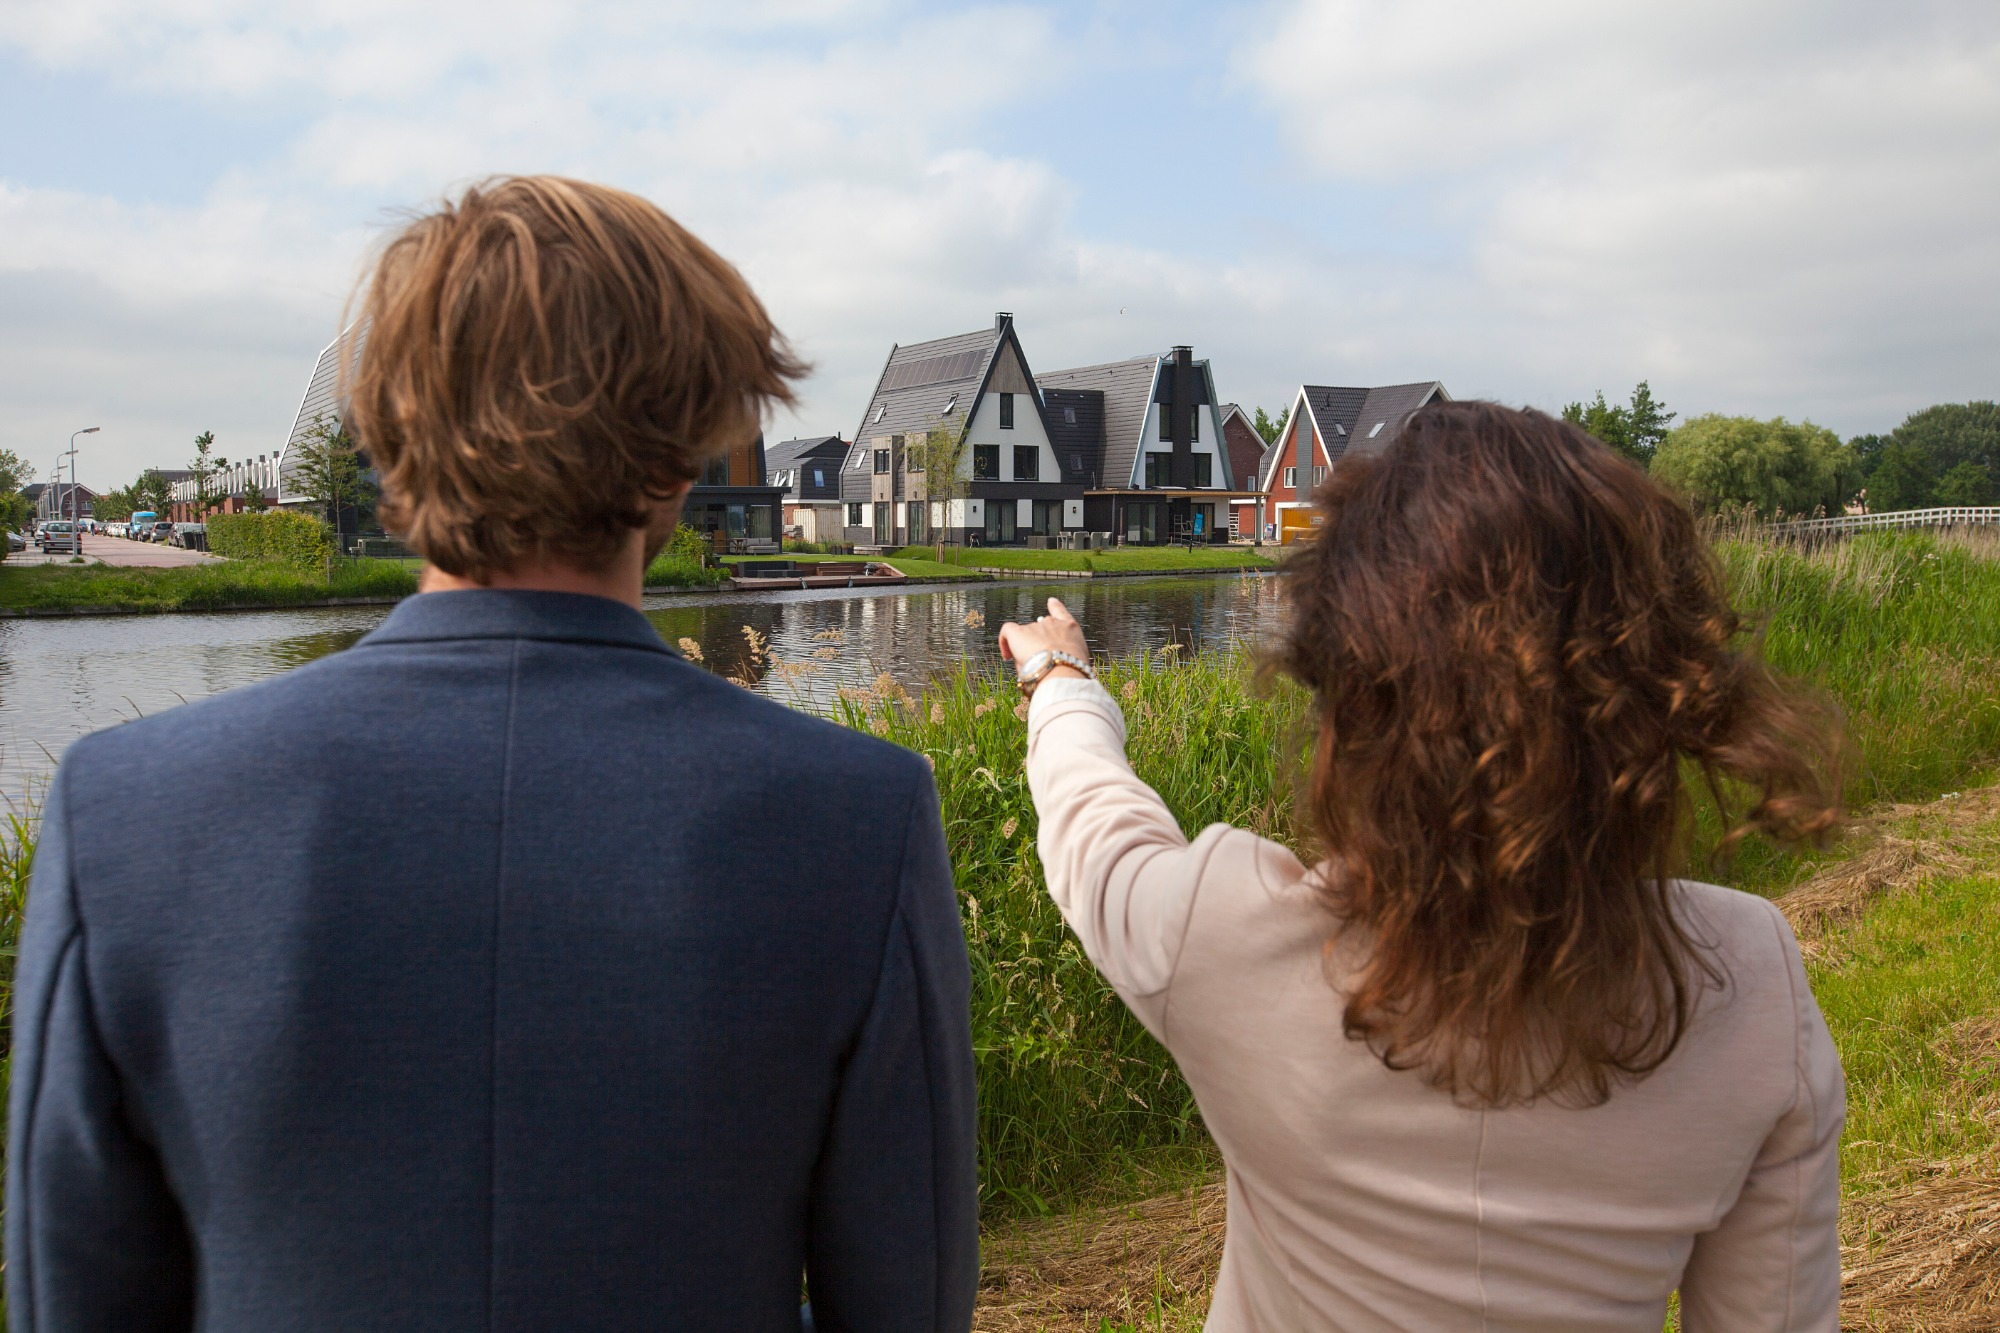 Je wilt een huis kopen. Maar hoe dan?